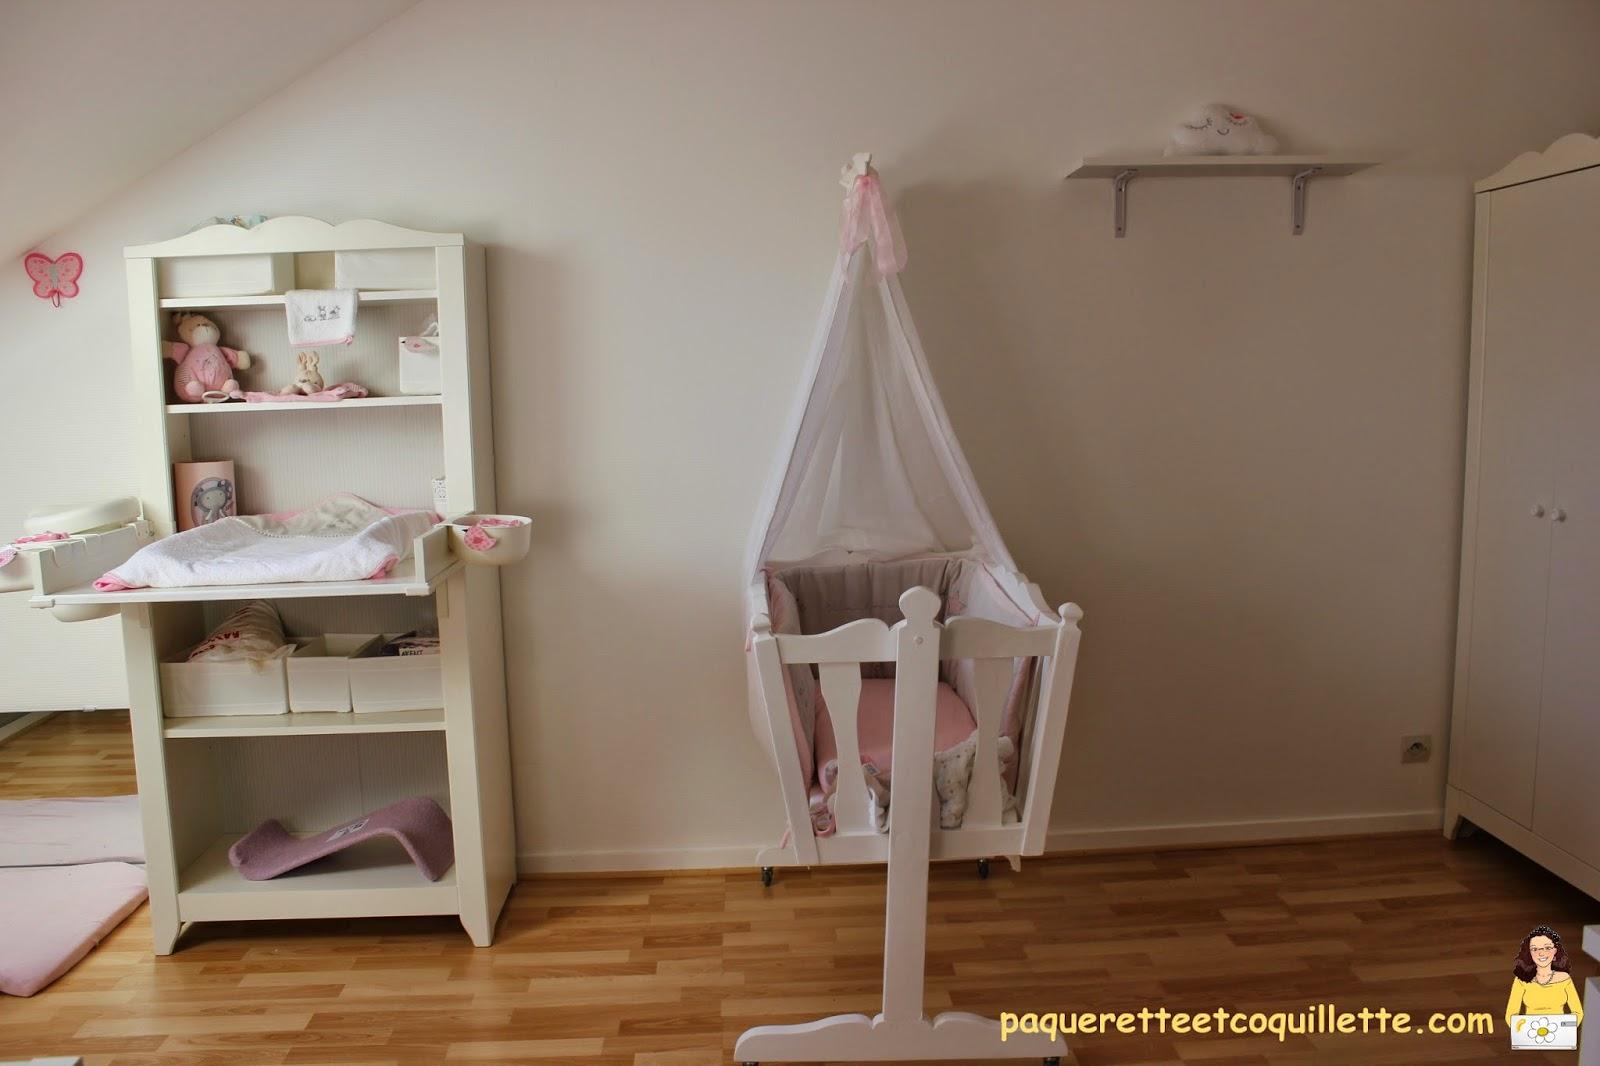 Paquerette et coquillette: la chambre de coquillette façon montessori